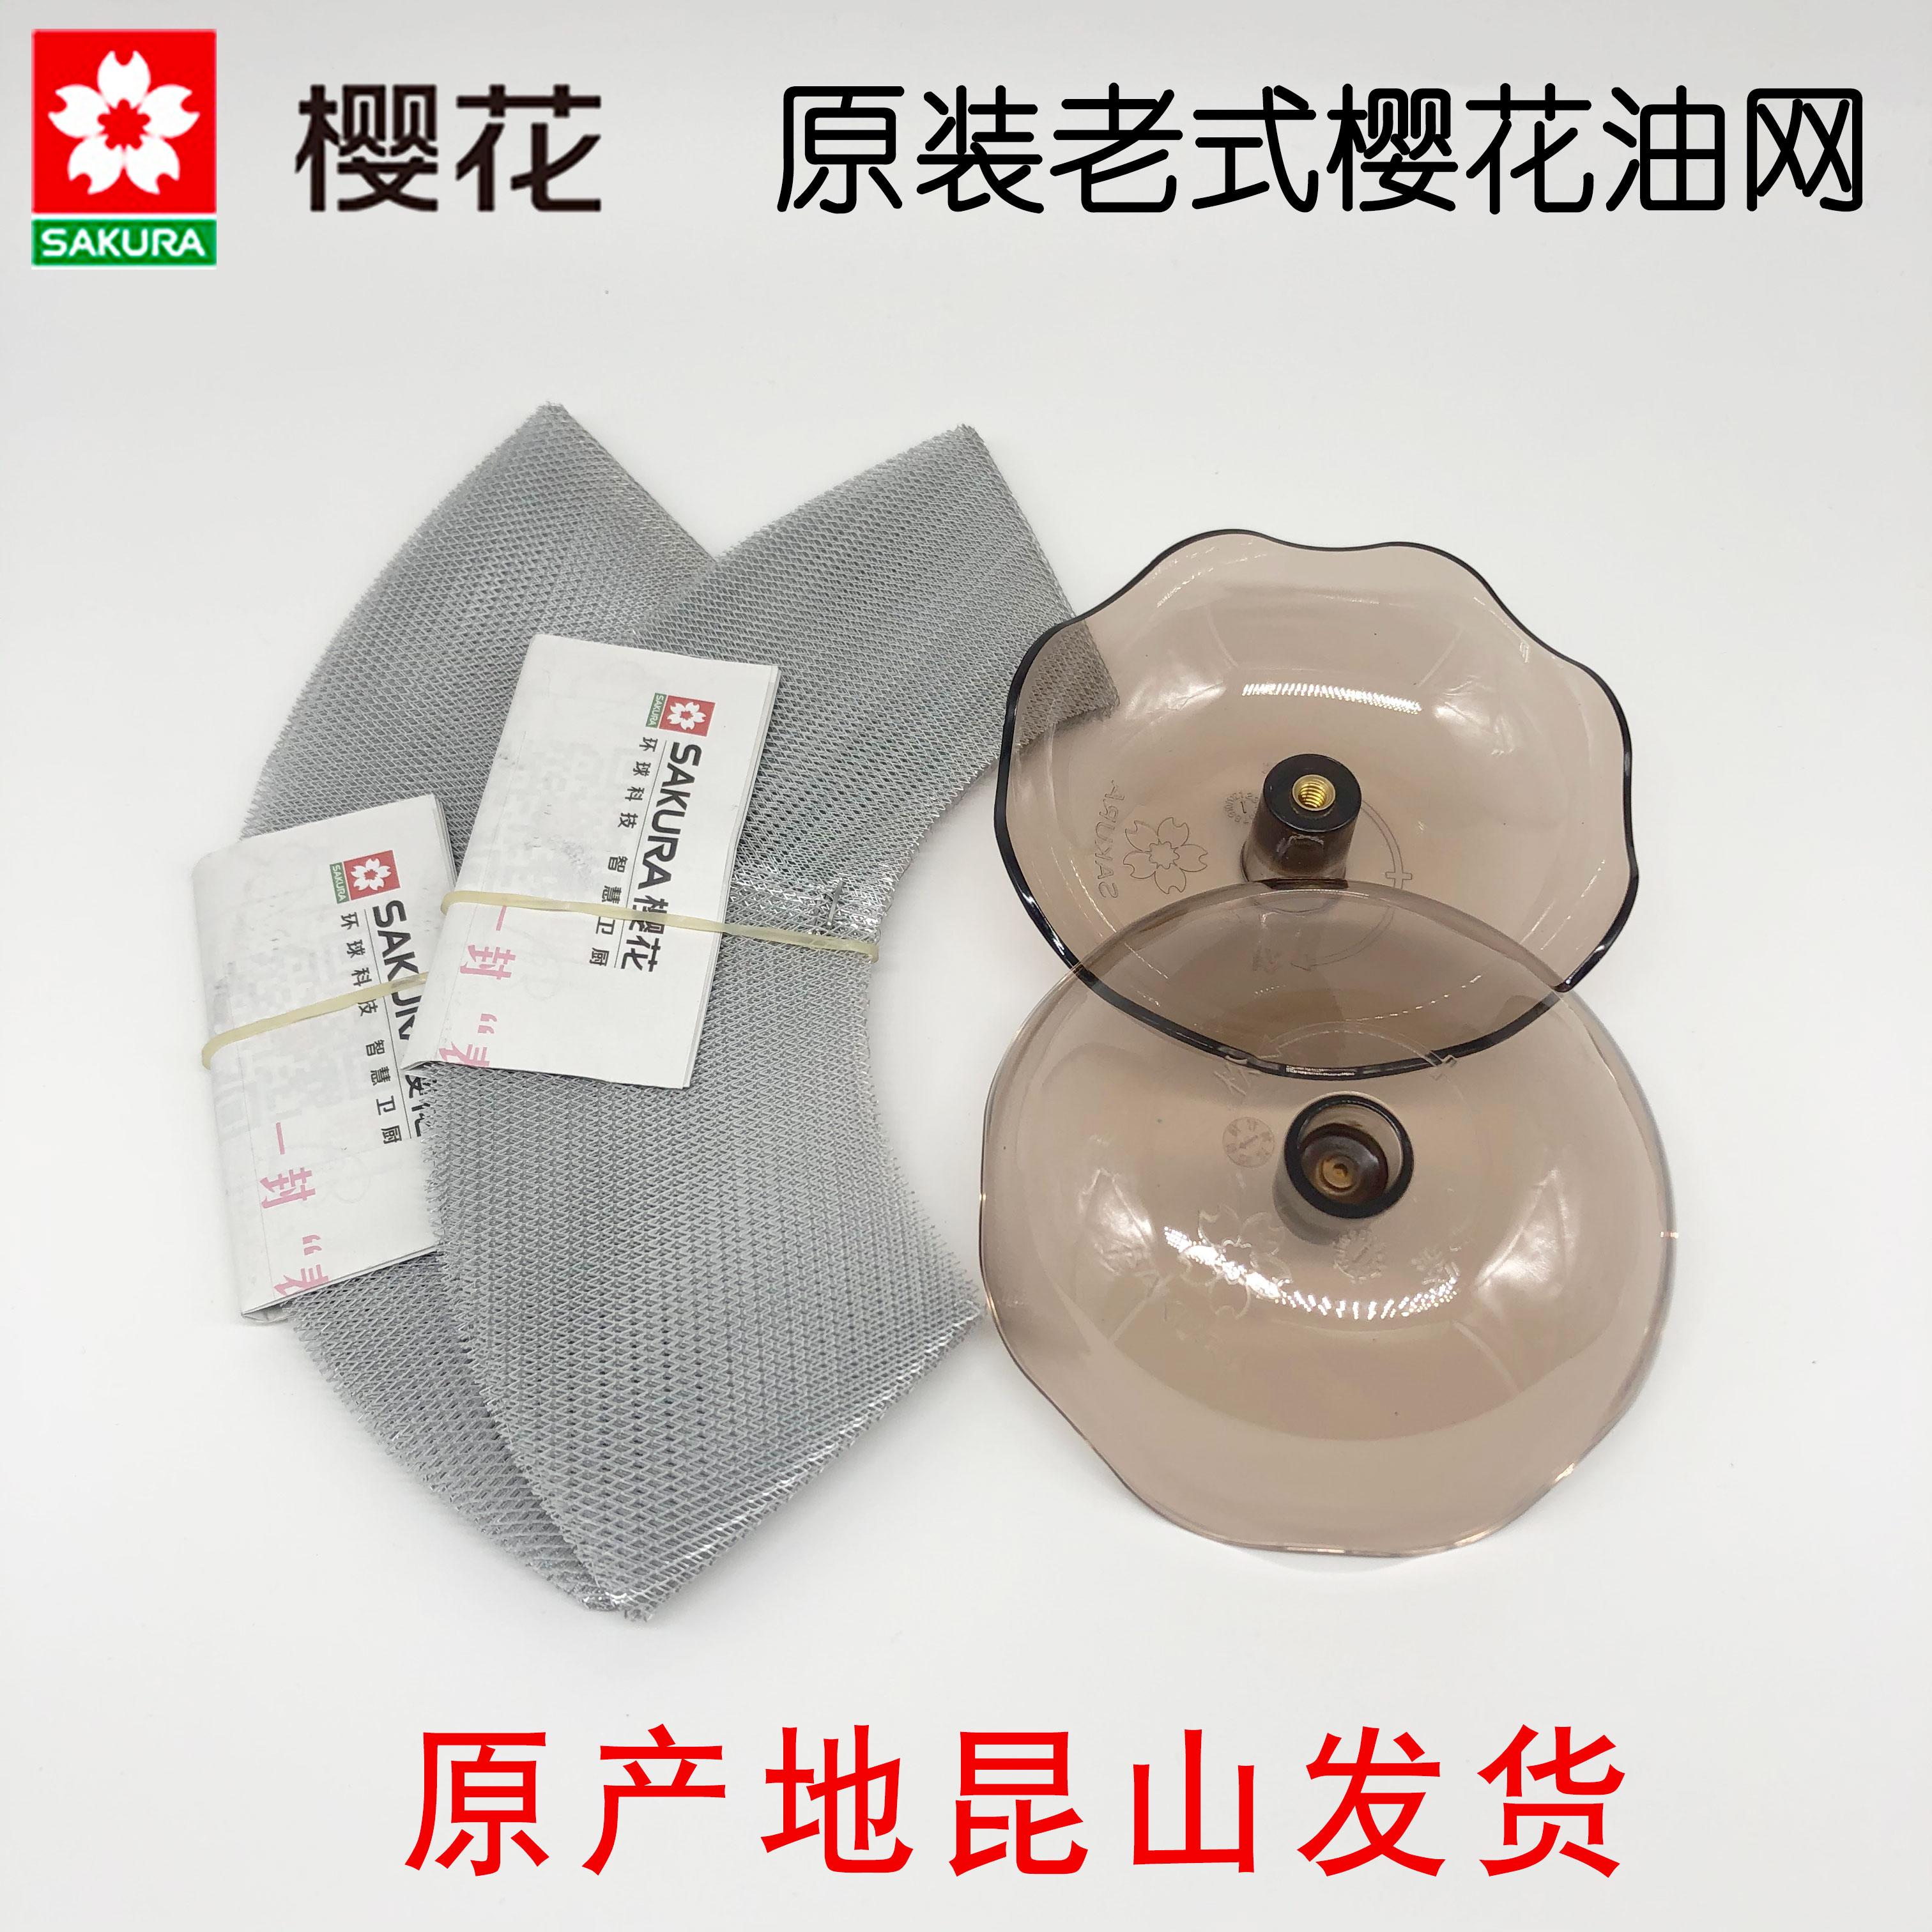 Kunshan cherry blossom smoke machine oil network de-drain filtre général original accessoires ronds net